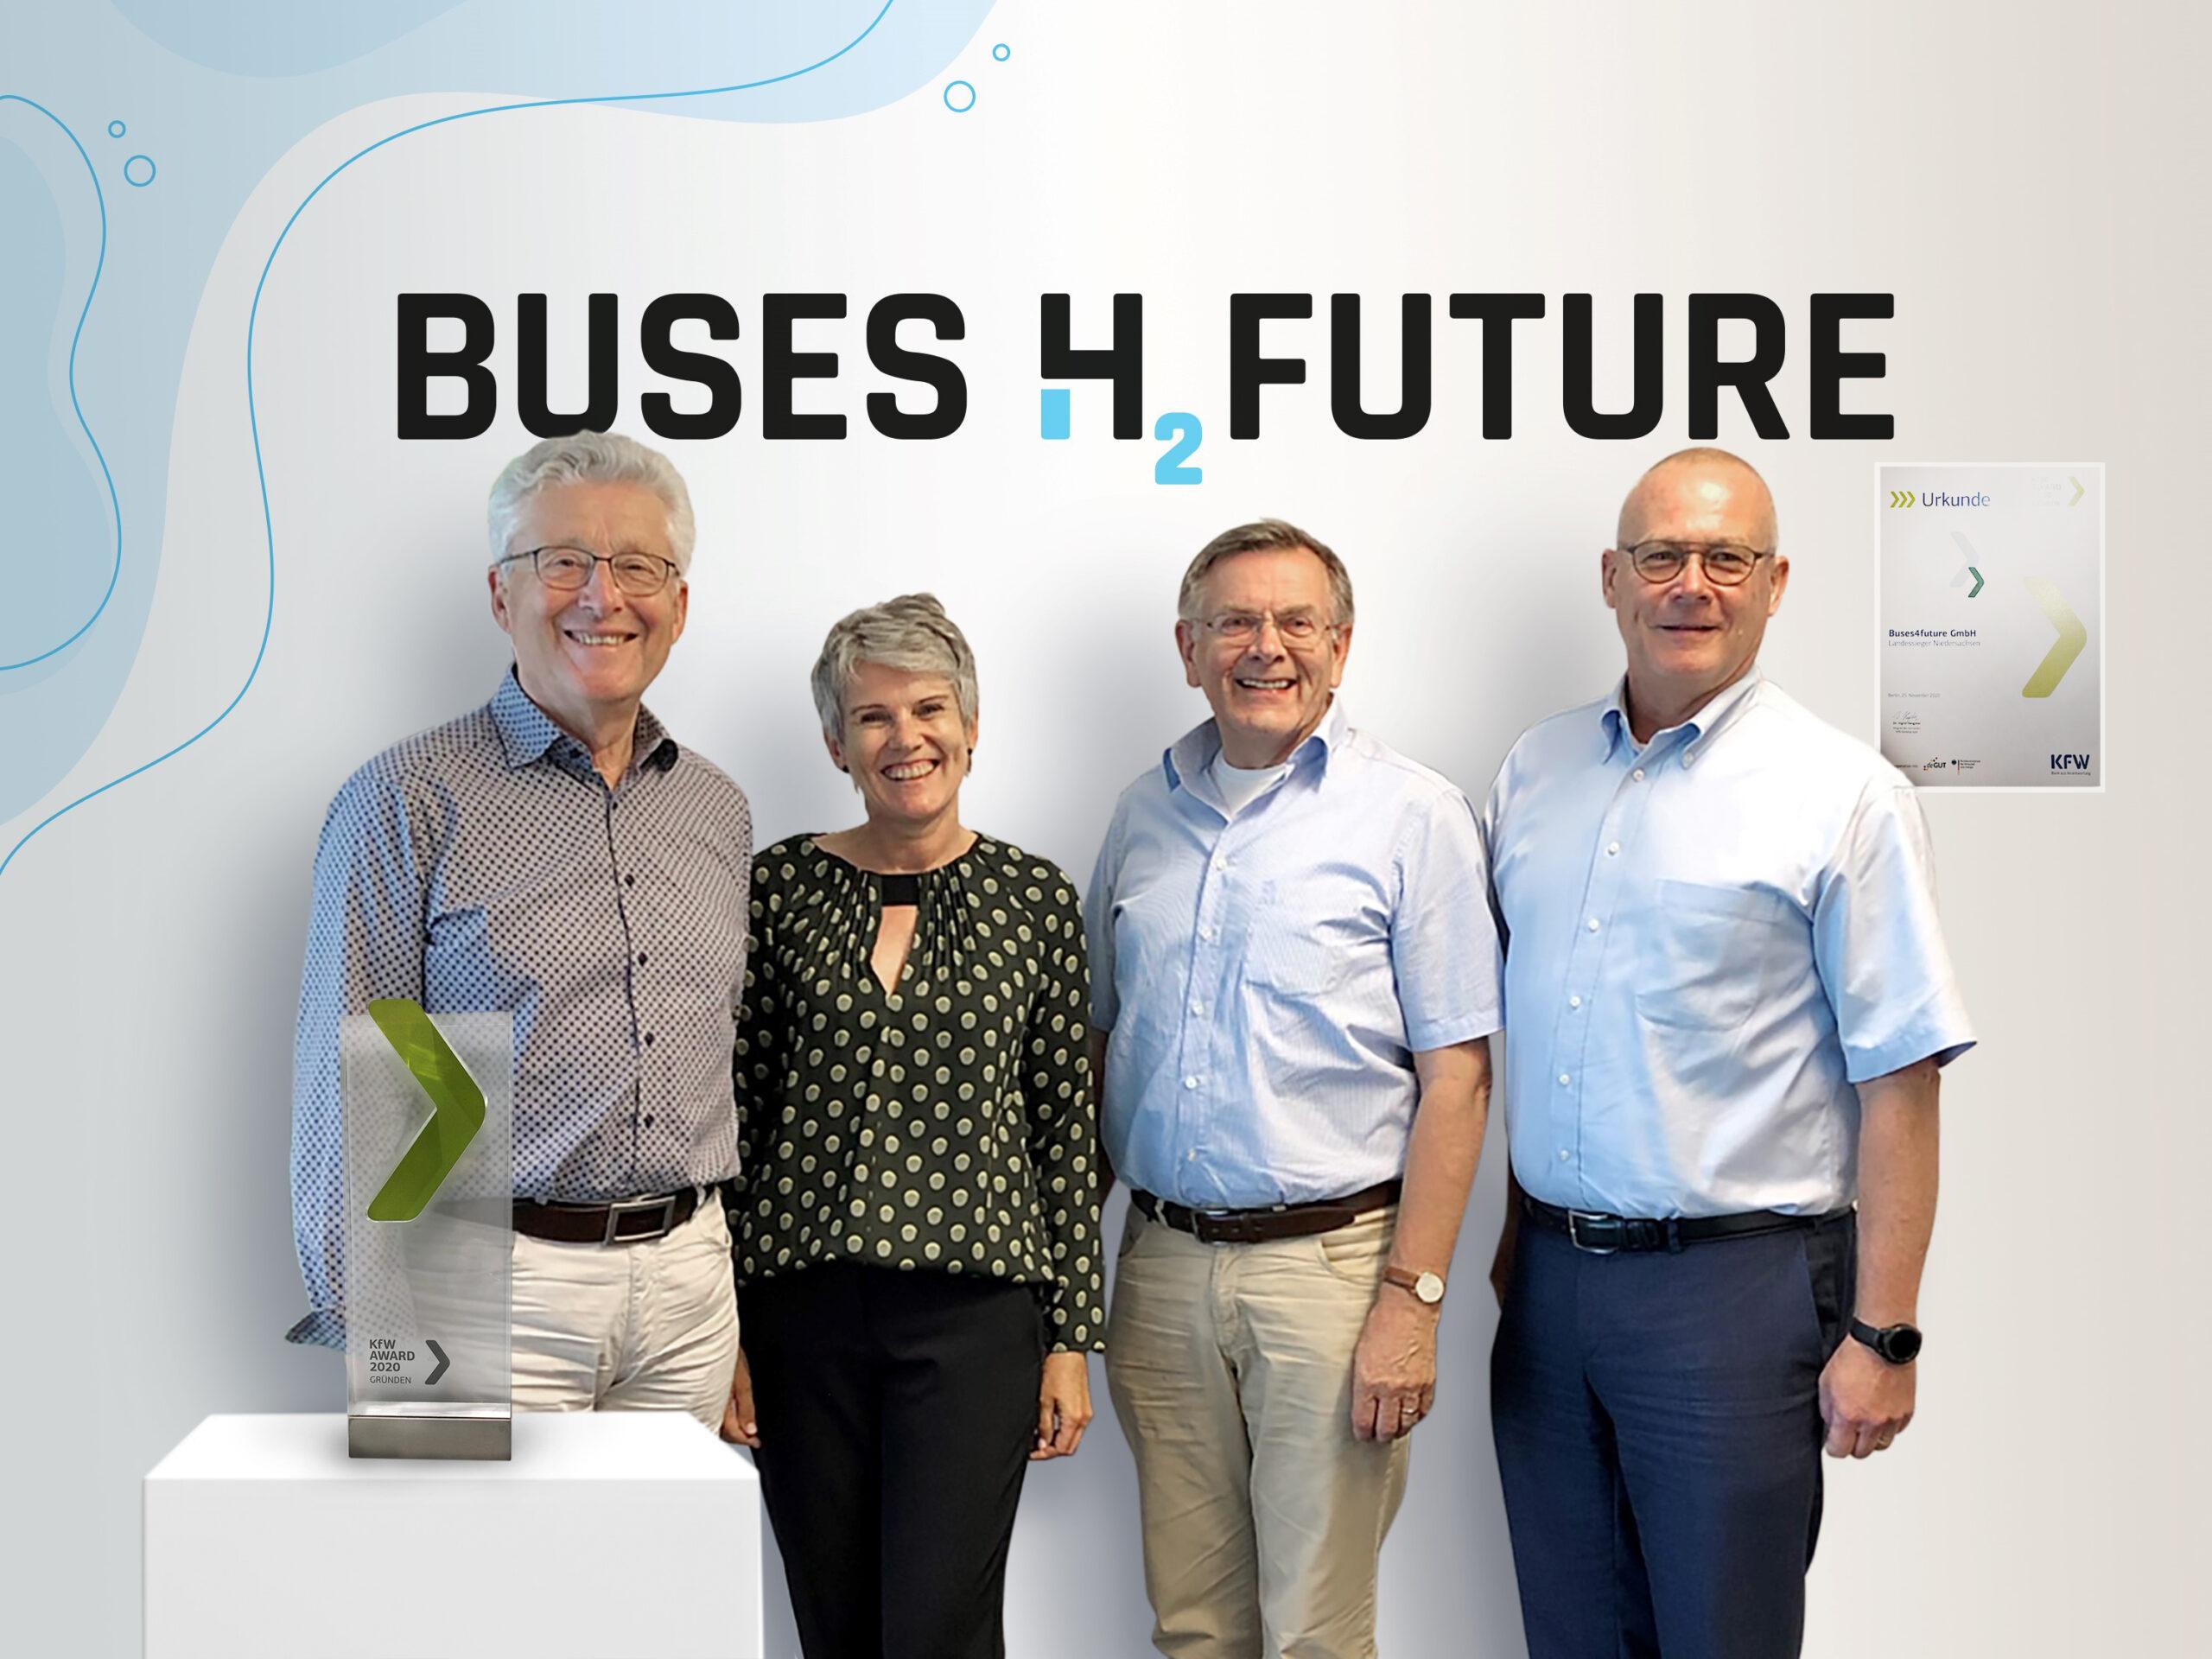 Die drei Gründer und eine Gründerin vom Startup Buses4Future mit dem KfW-Award Gründen 2020.